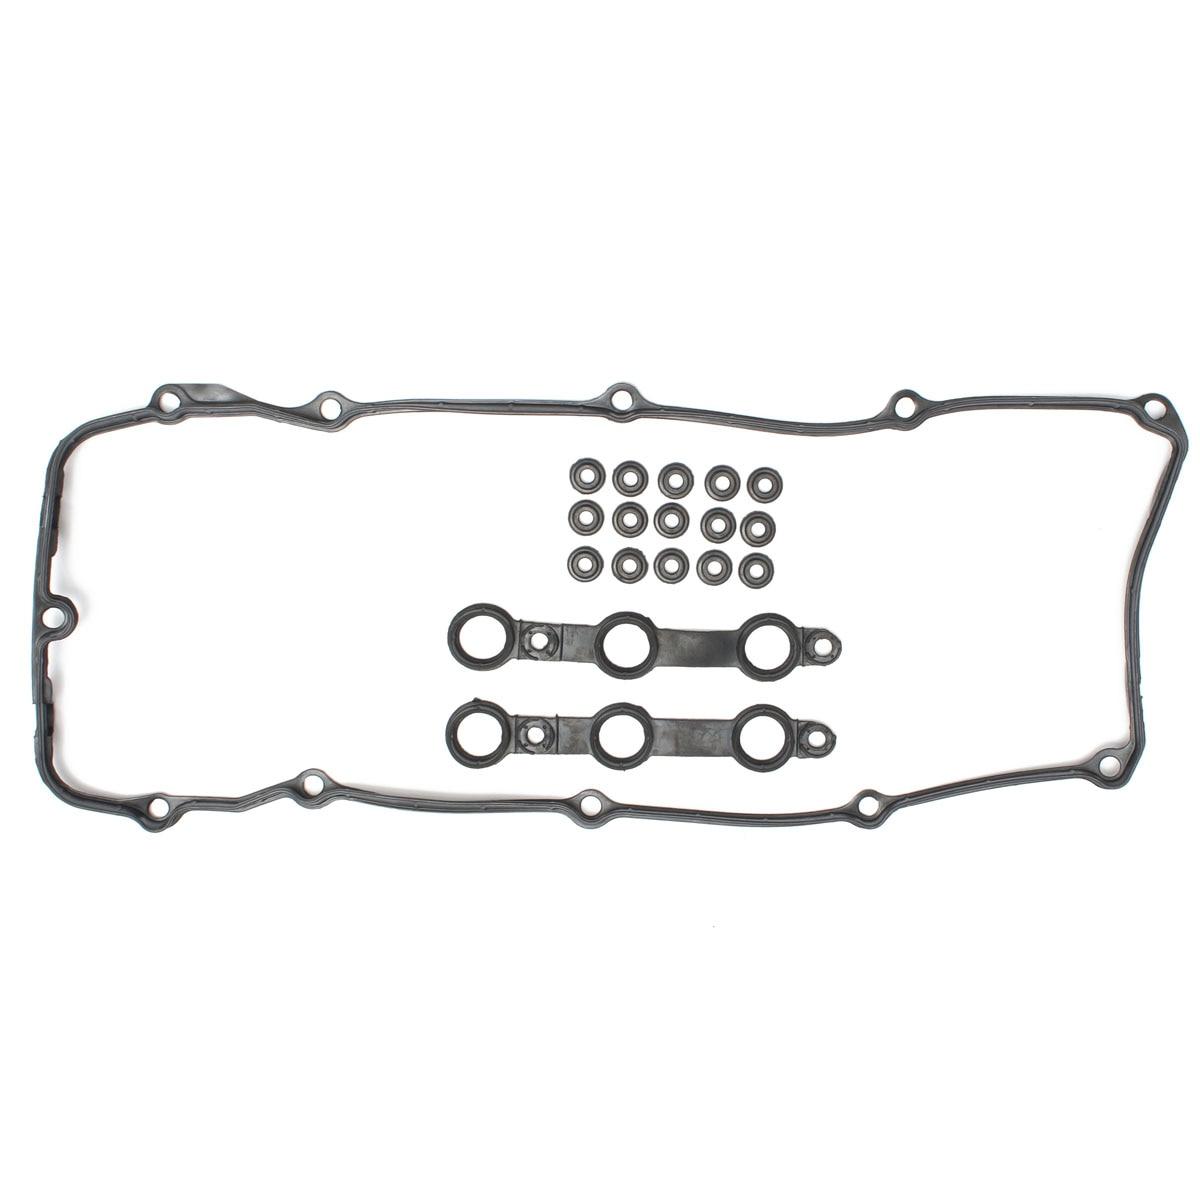 Oil Filter Valve Cover Set Seal Gasket Black For Bmw 325